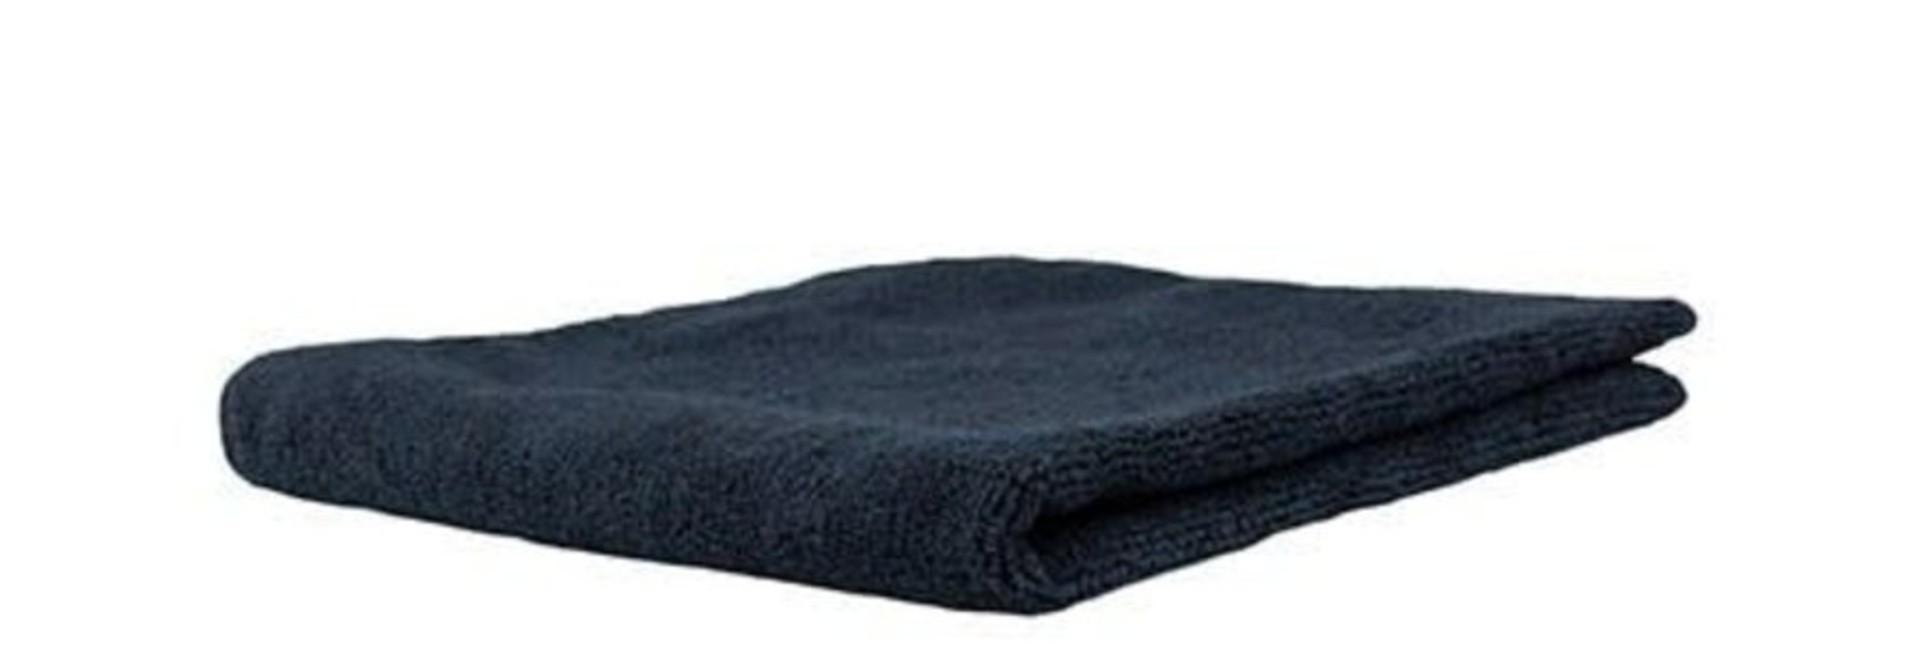 Professional Microfibre Black Towel 40x40